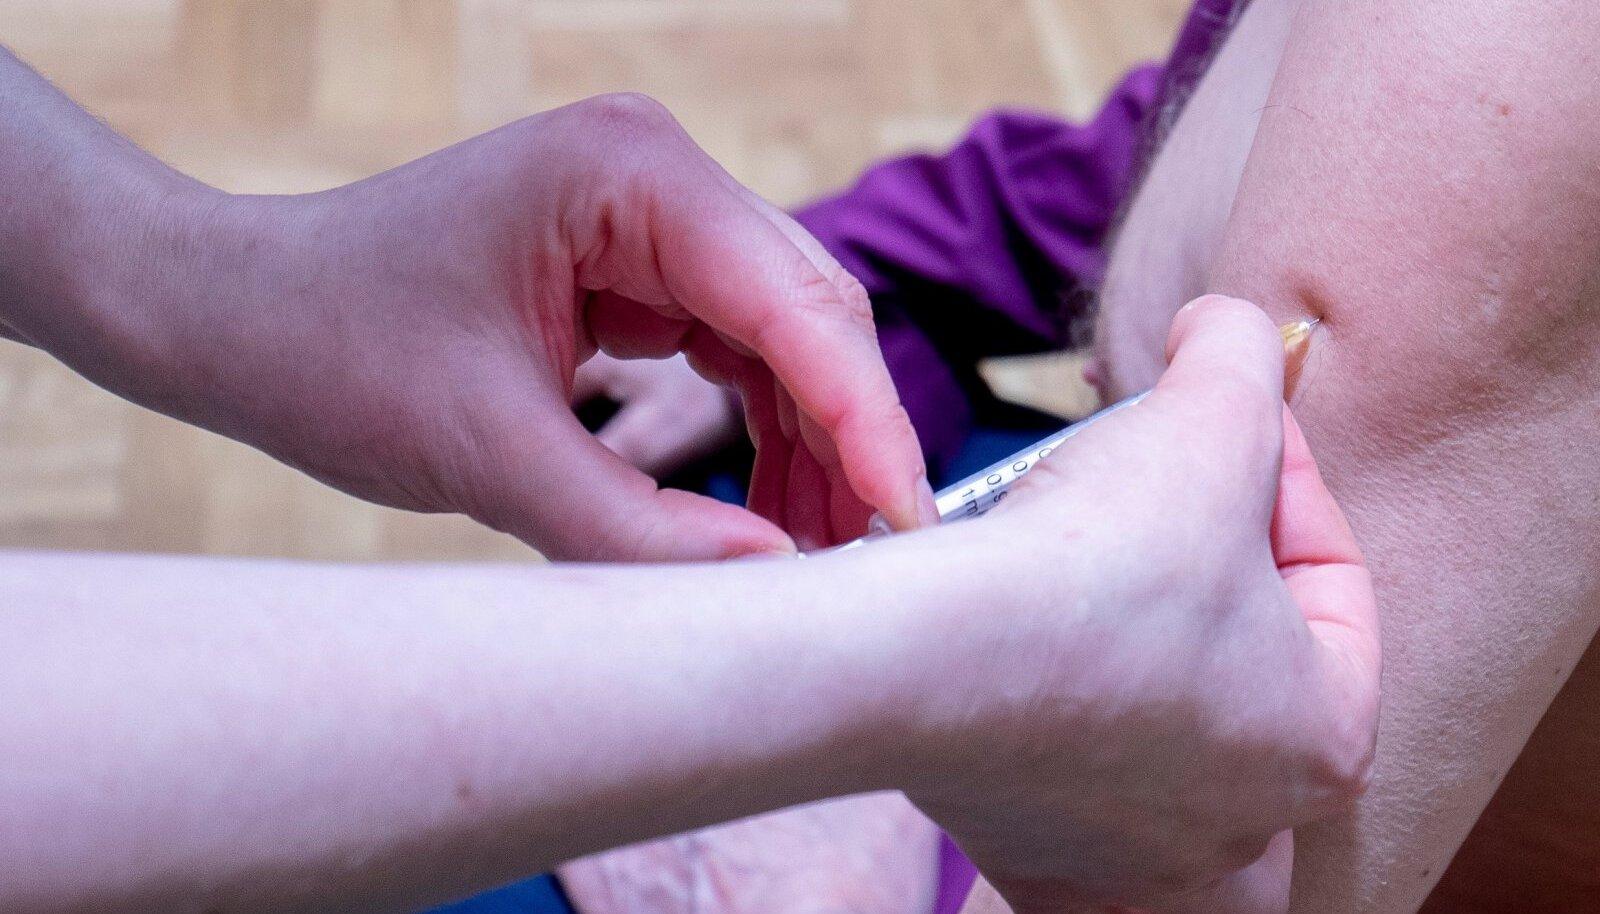 Kaja keskuses vaktsineeriti inimesi 13.03.2021